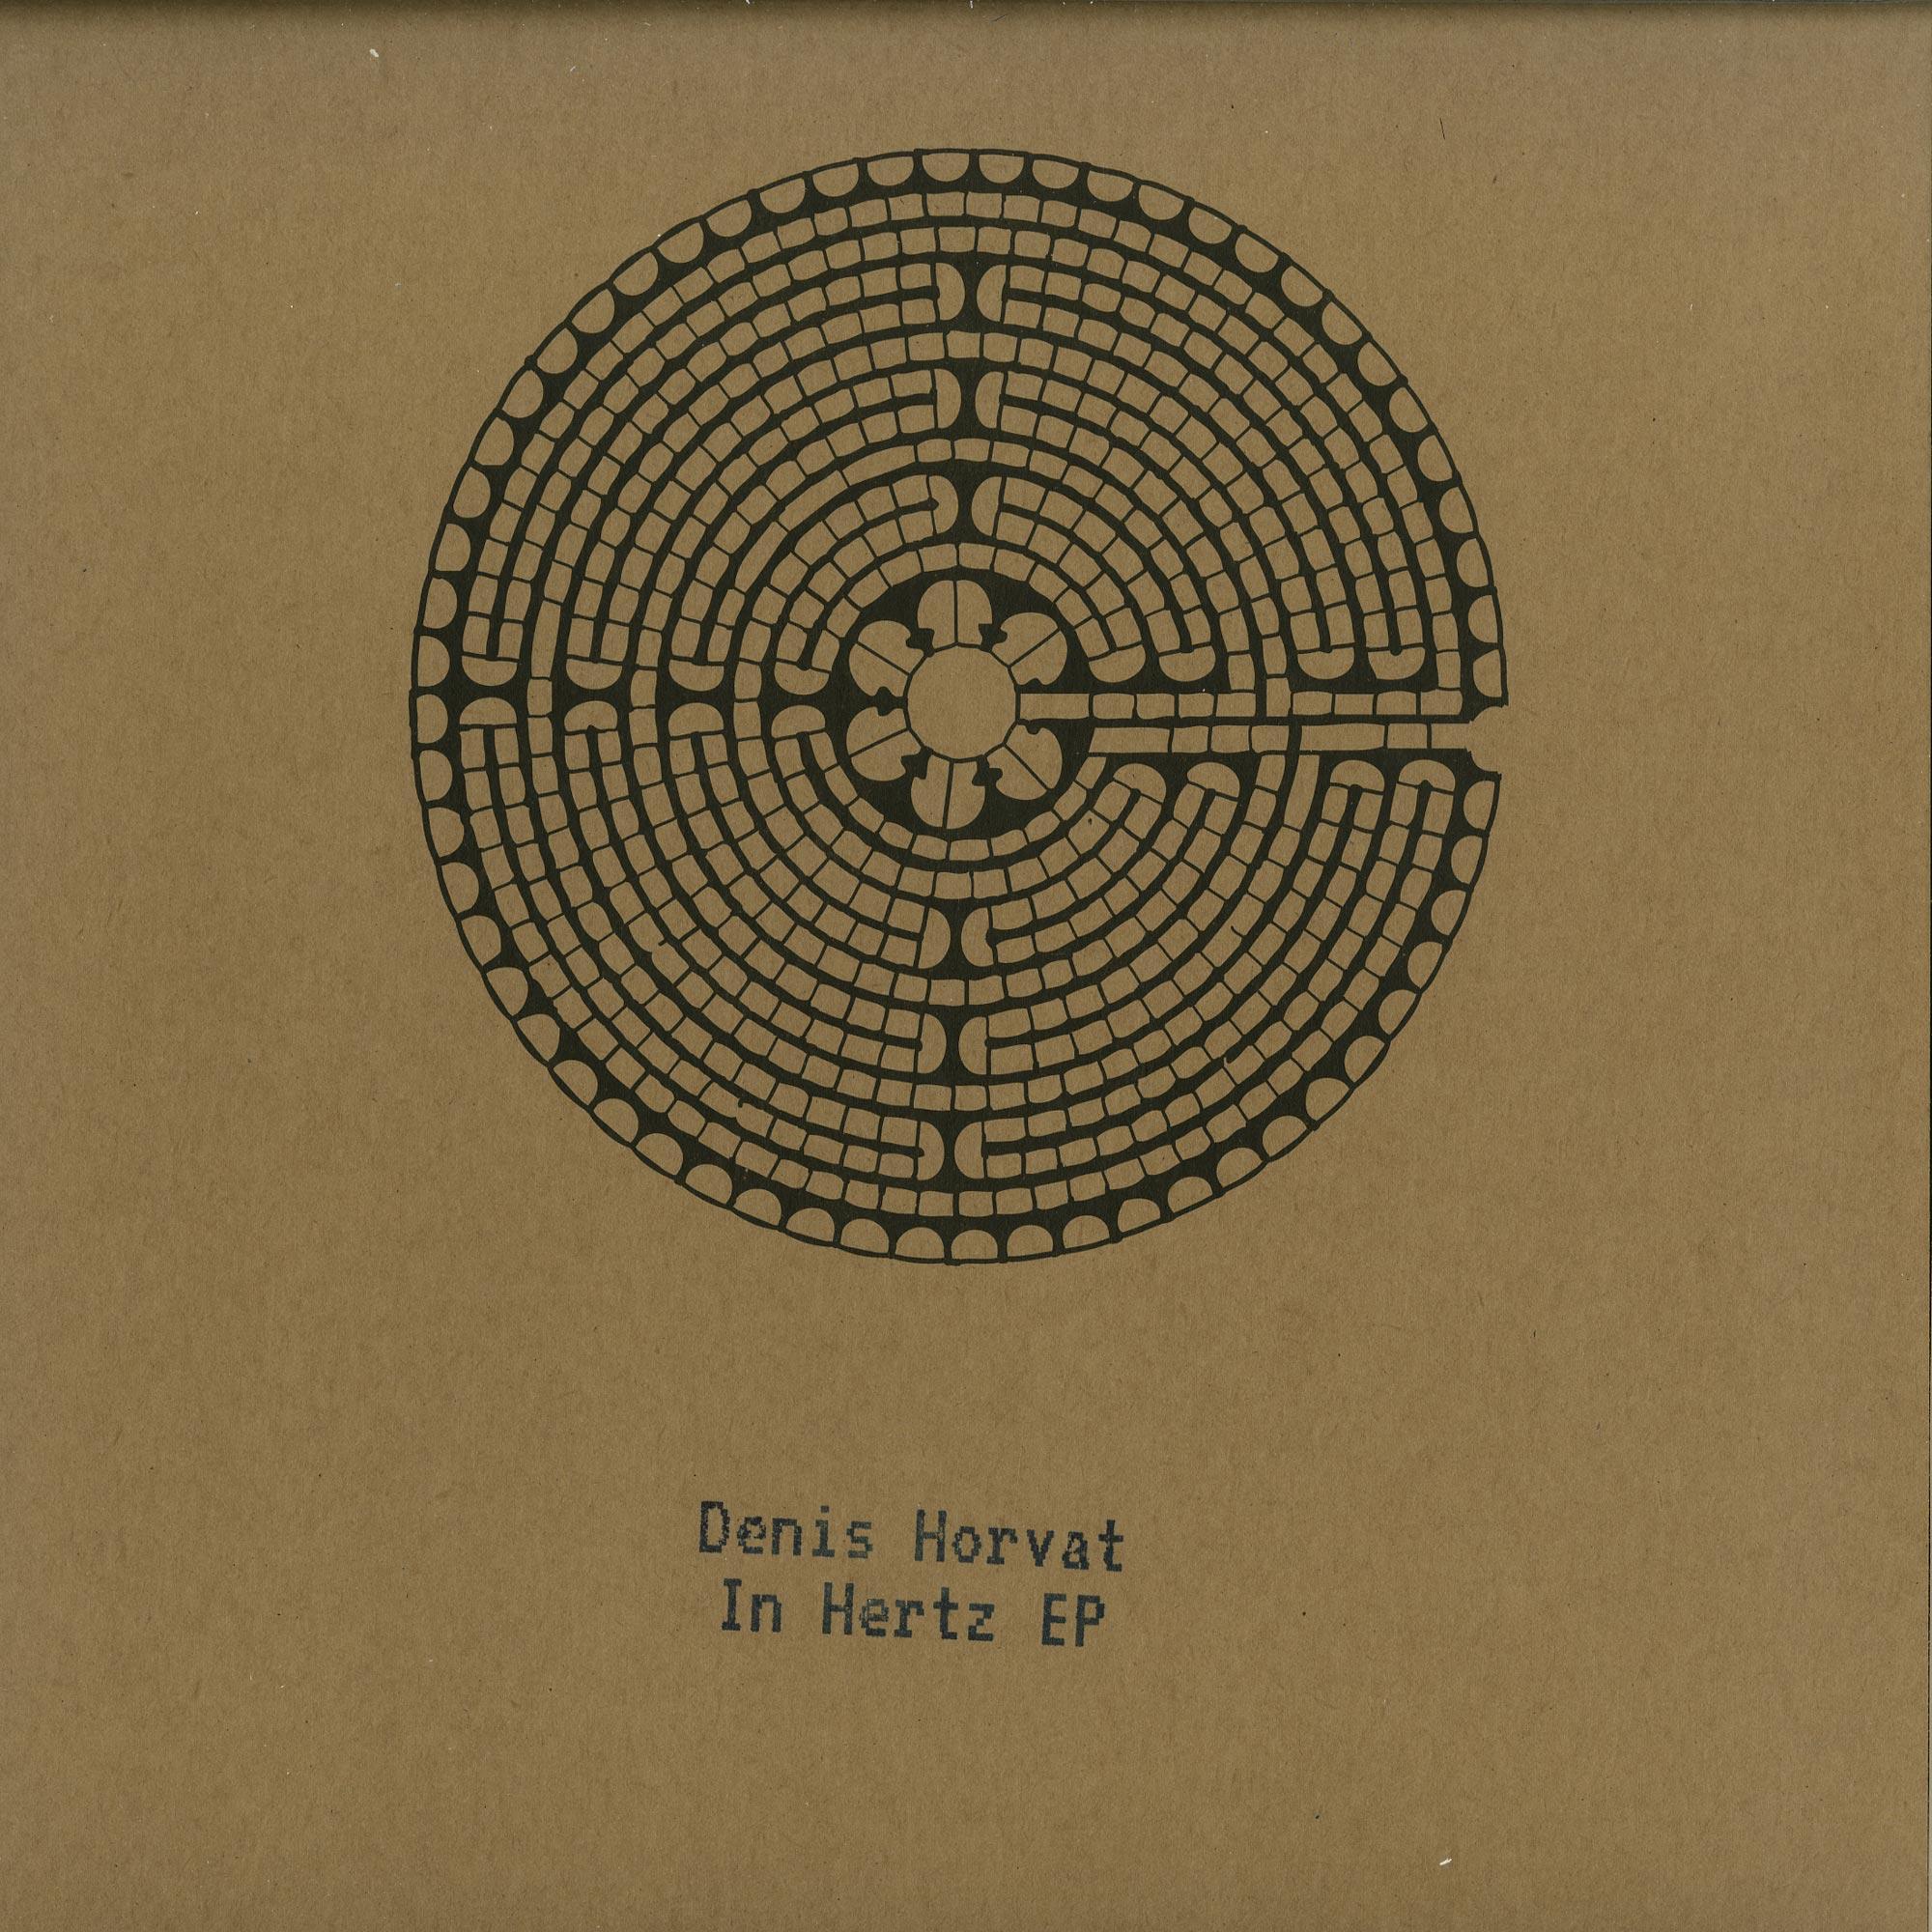 Denis Horvat - IN HERTZ EP